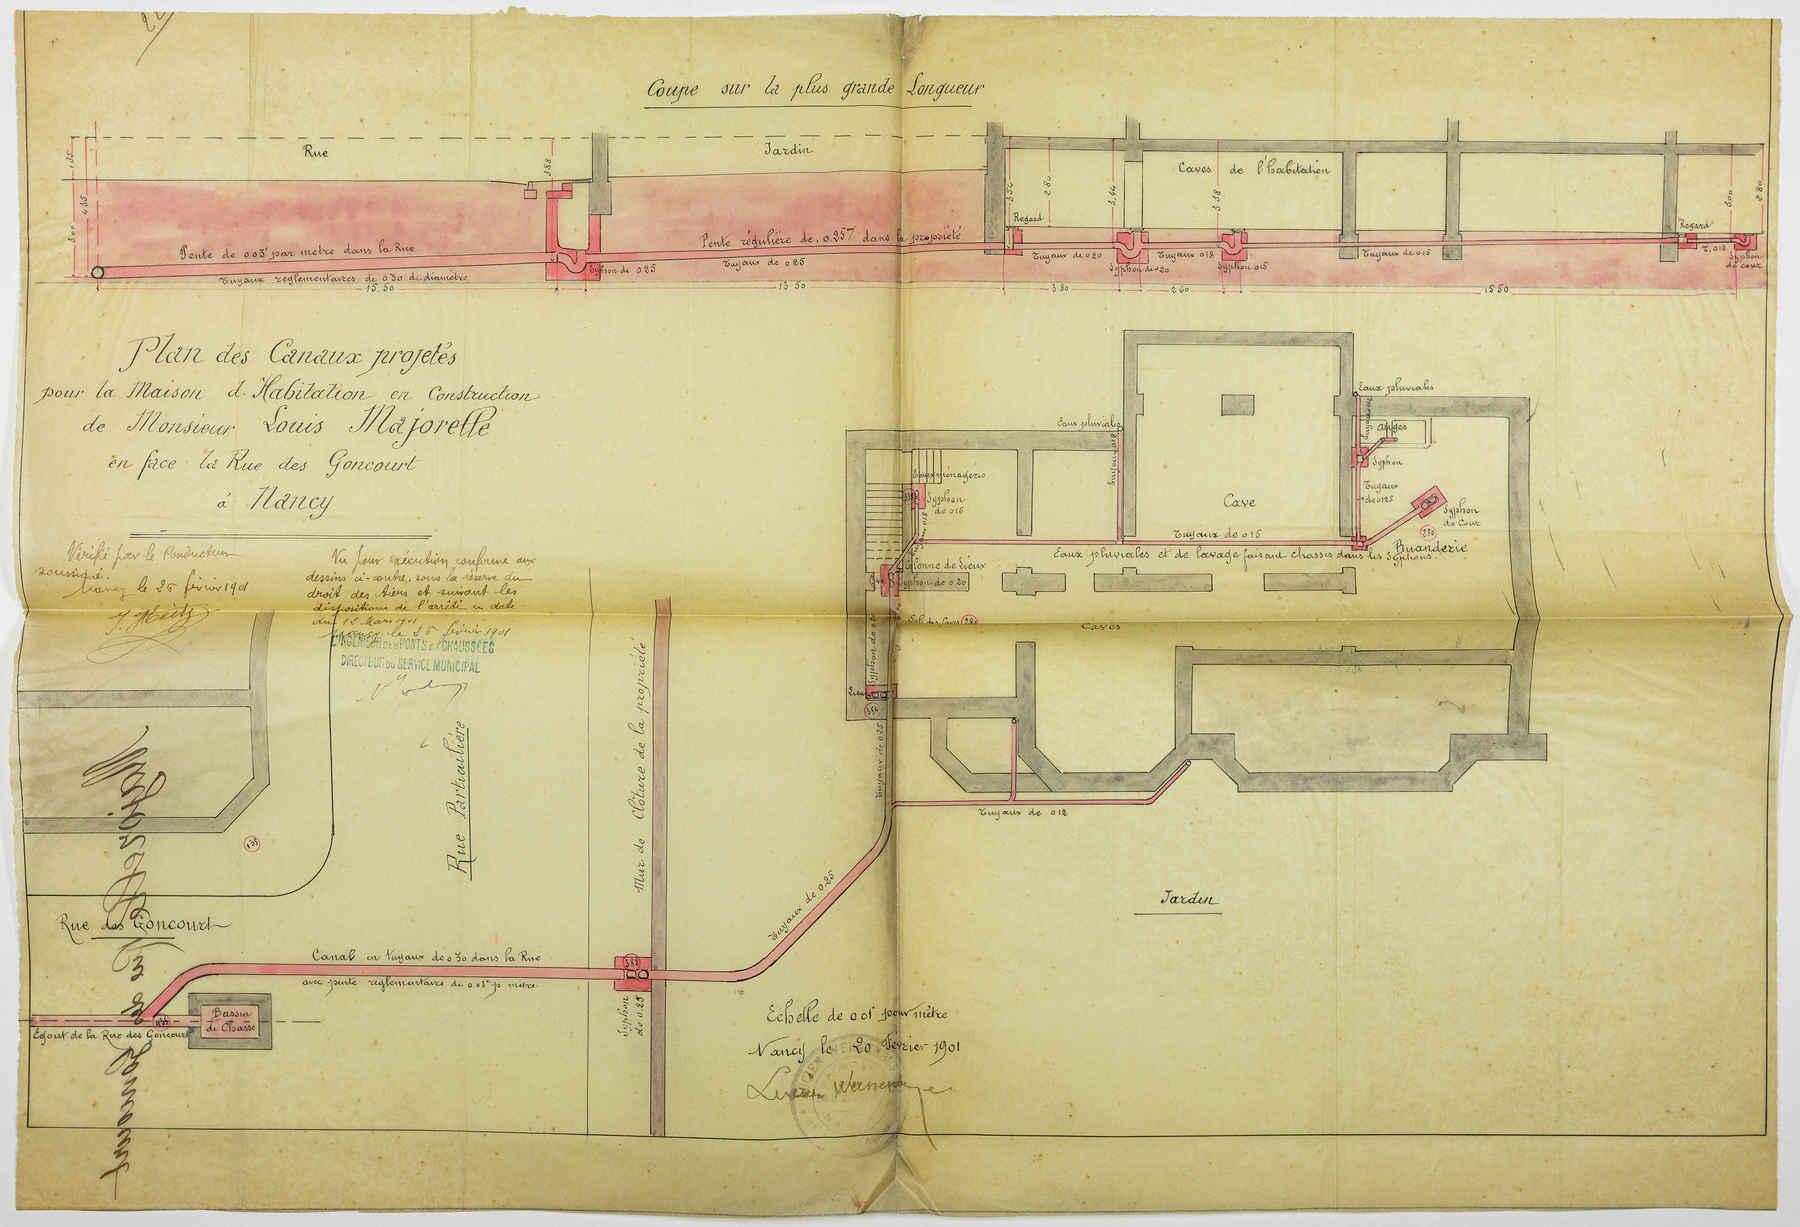 Contenu du Plan des canaux projetés pour la maison d'habitation en construction de monsieur Louis Majorelle en face de la rue des Goncourt à Nancy